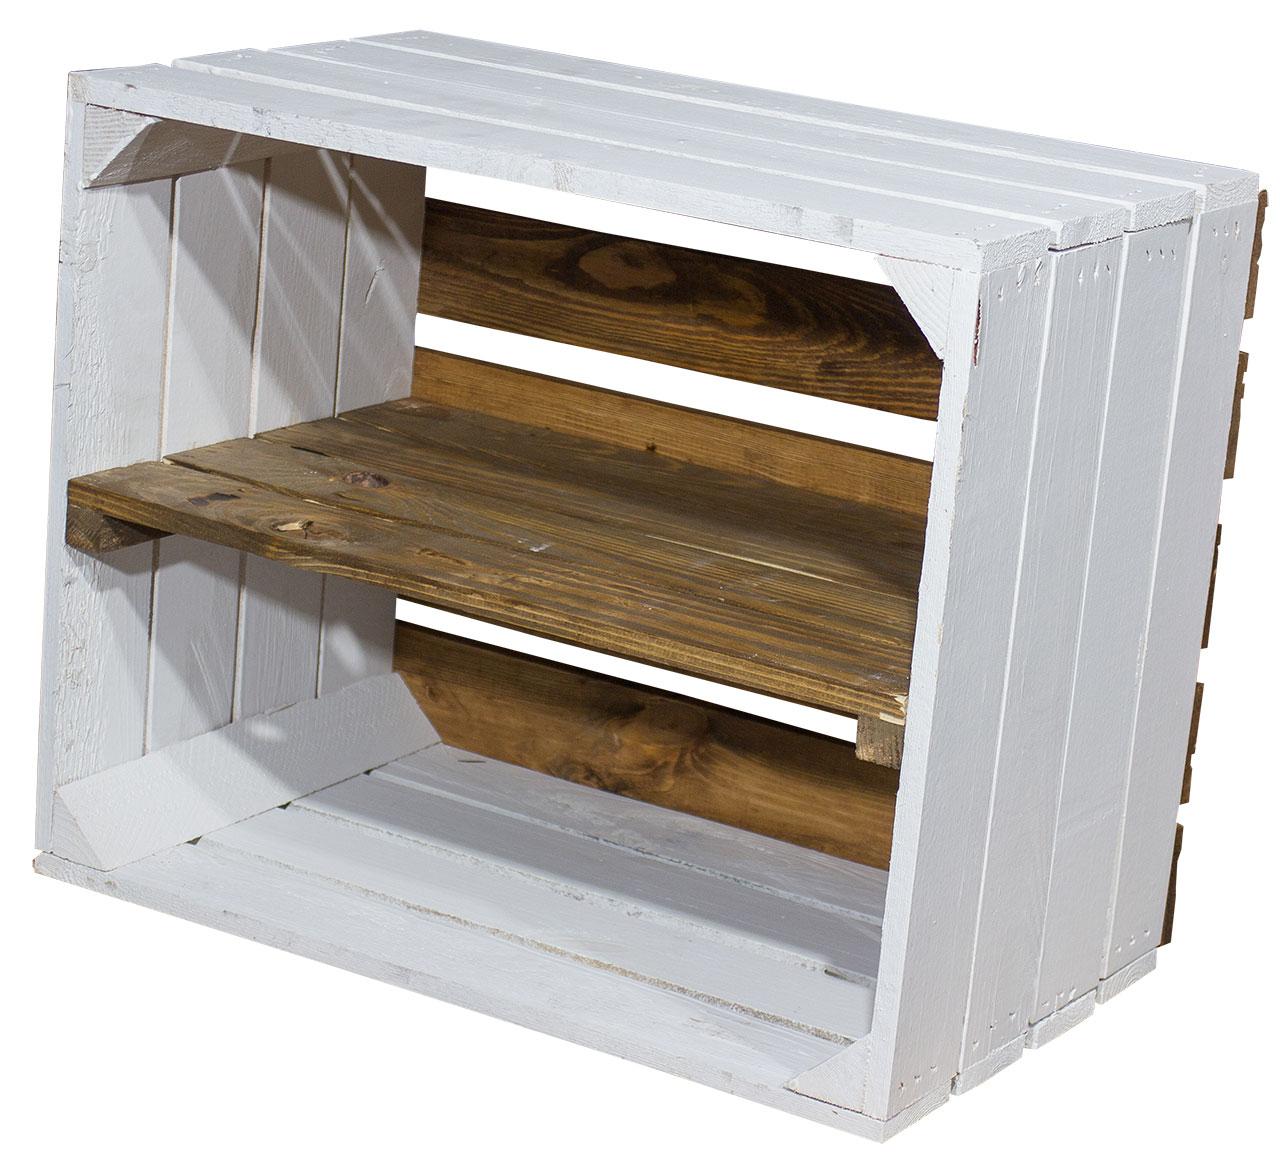 Weißes Regal - Apfelkiste Weißer Boden braunes Mittelbrett 50x40x30cm